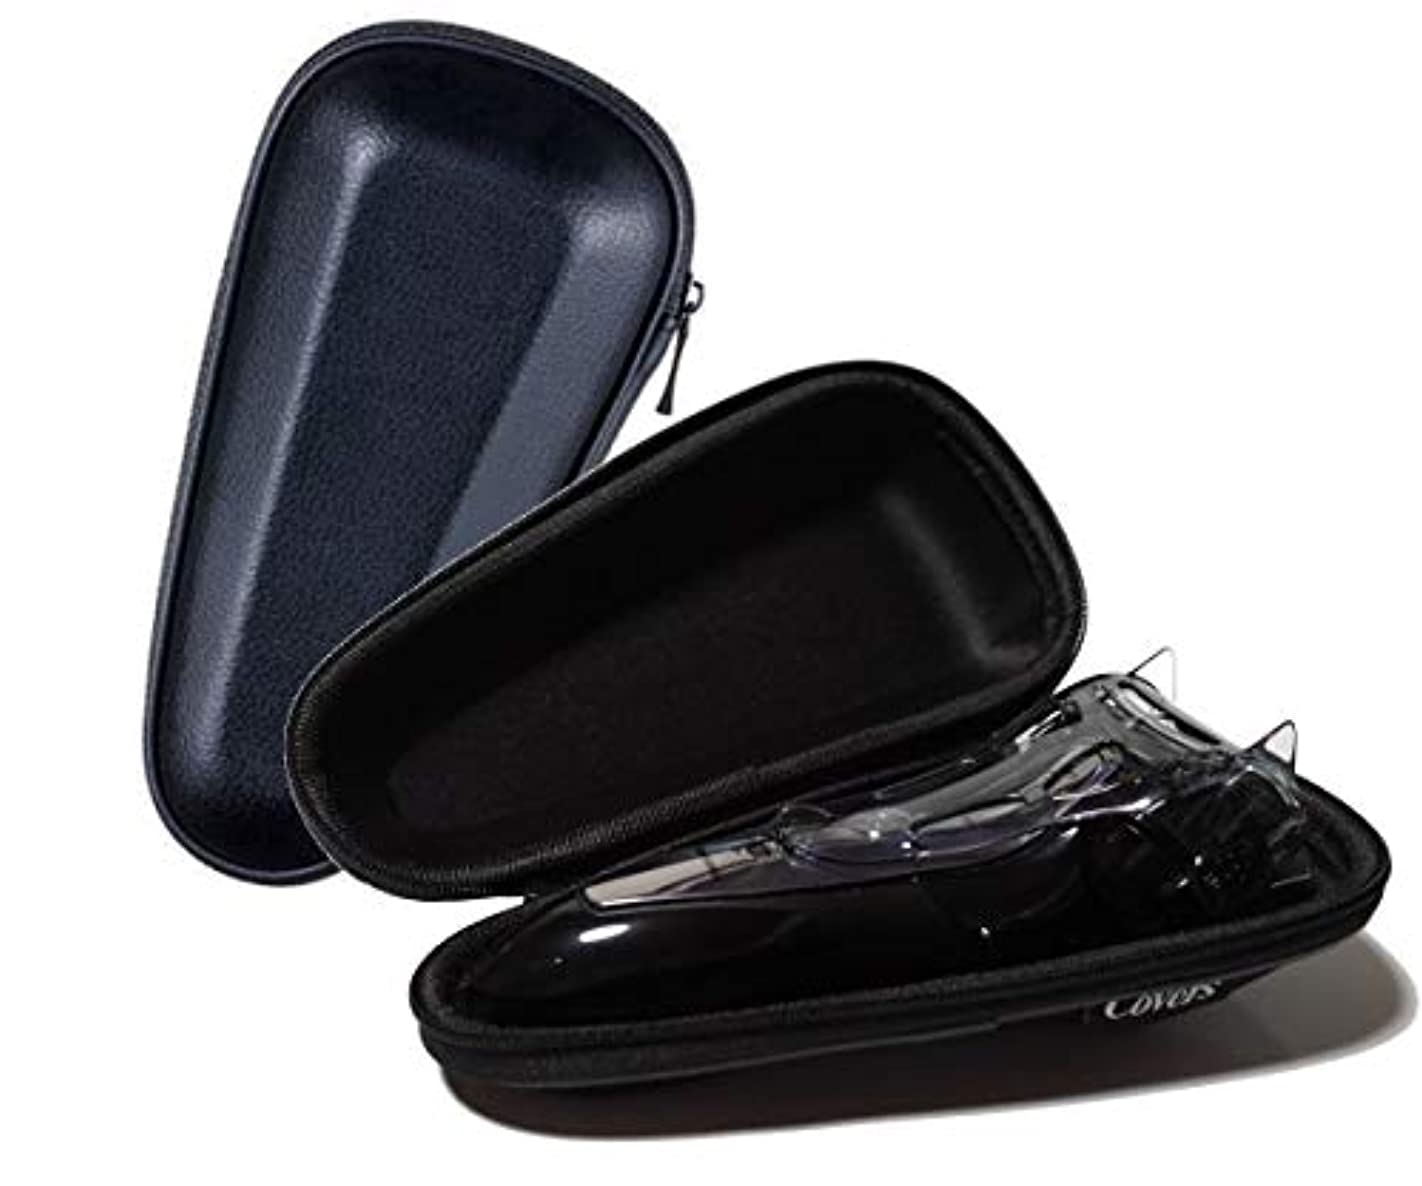 食べる森林夫婦Covers メンズシェーバー用 収納ケース パナソニック(Panasonic) ラムダッシュ 専用互換 対応品番ES-2L13